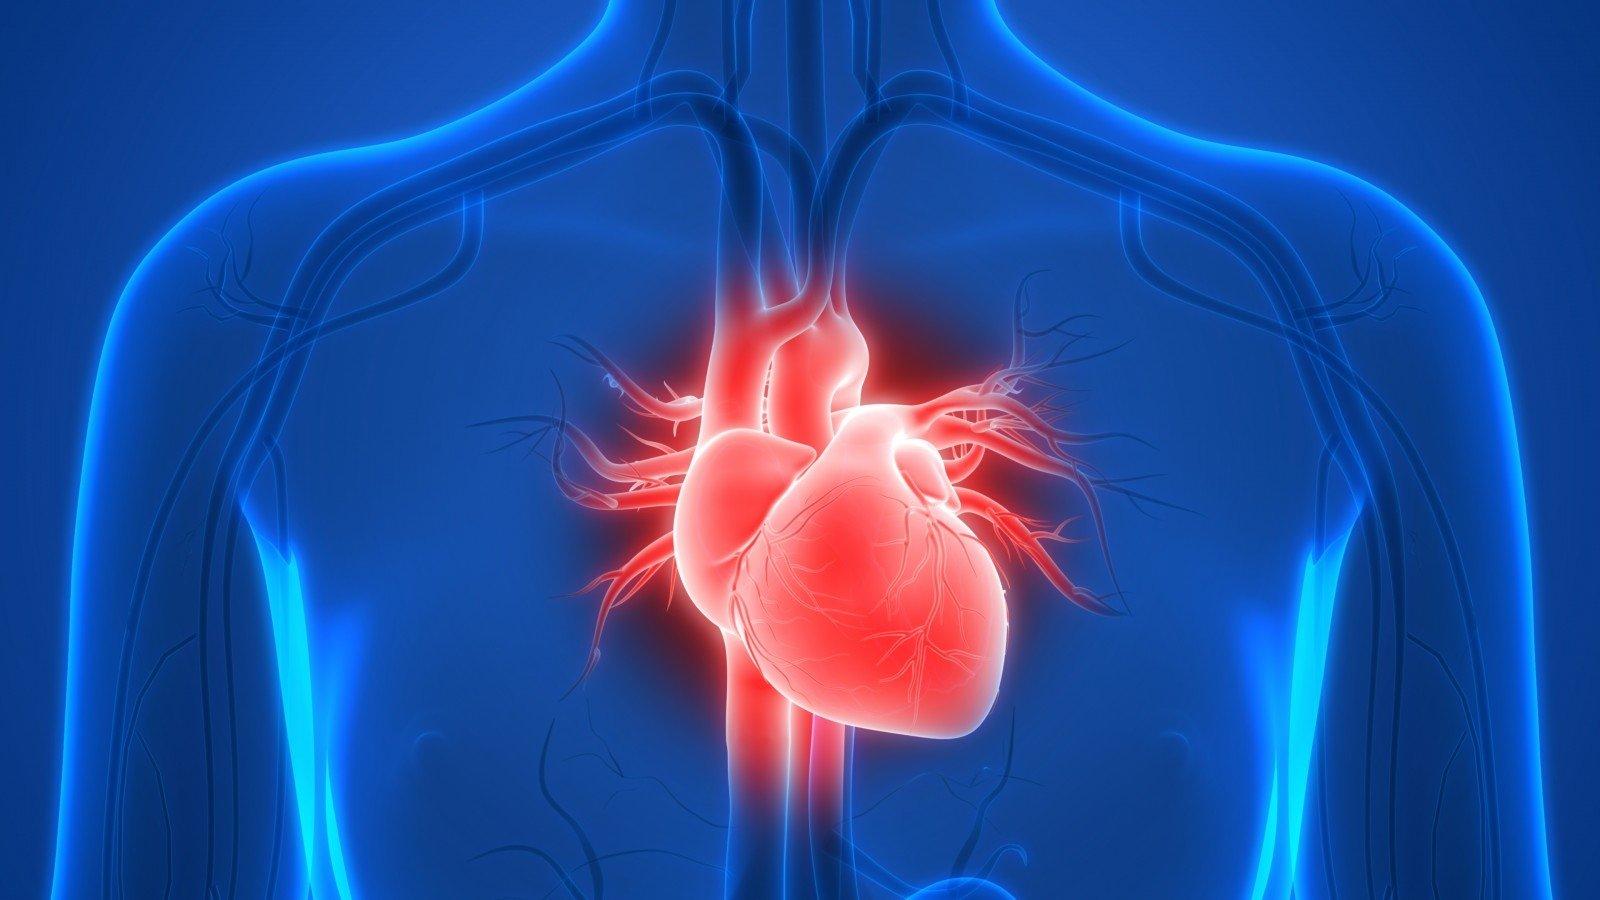 širdies sveikata metus rūkyti kaip nustatyti hipertenzijos tipą